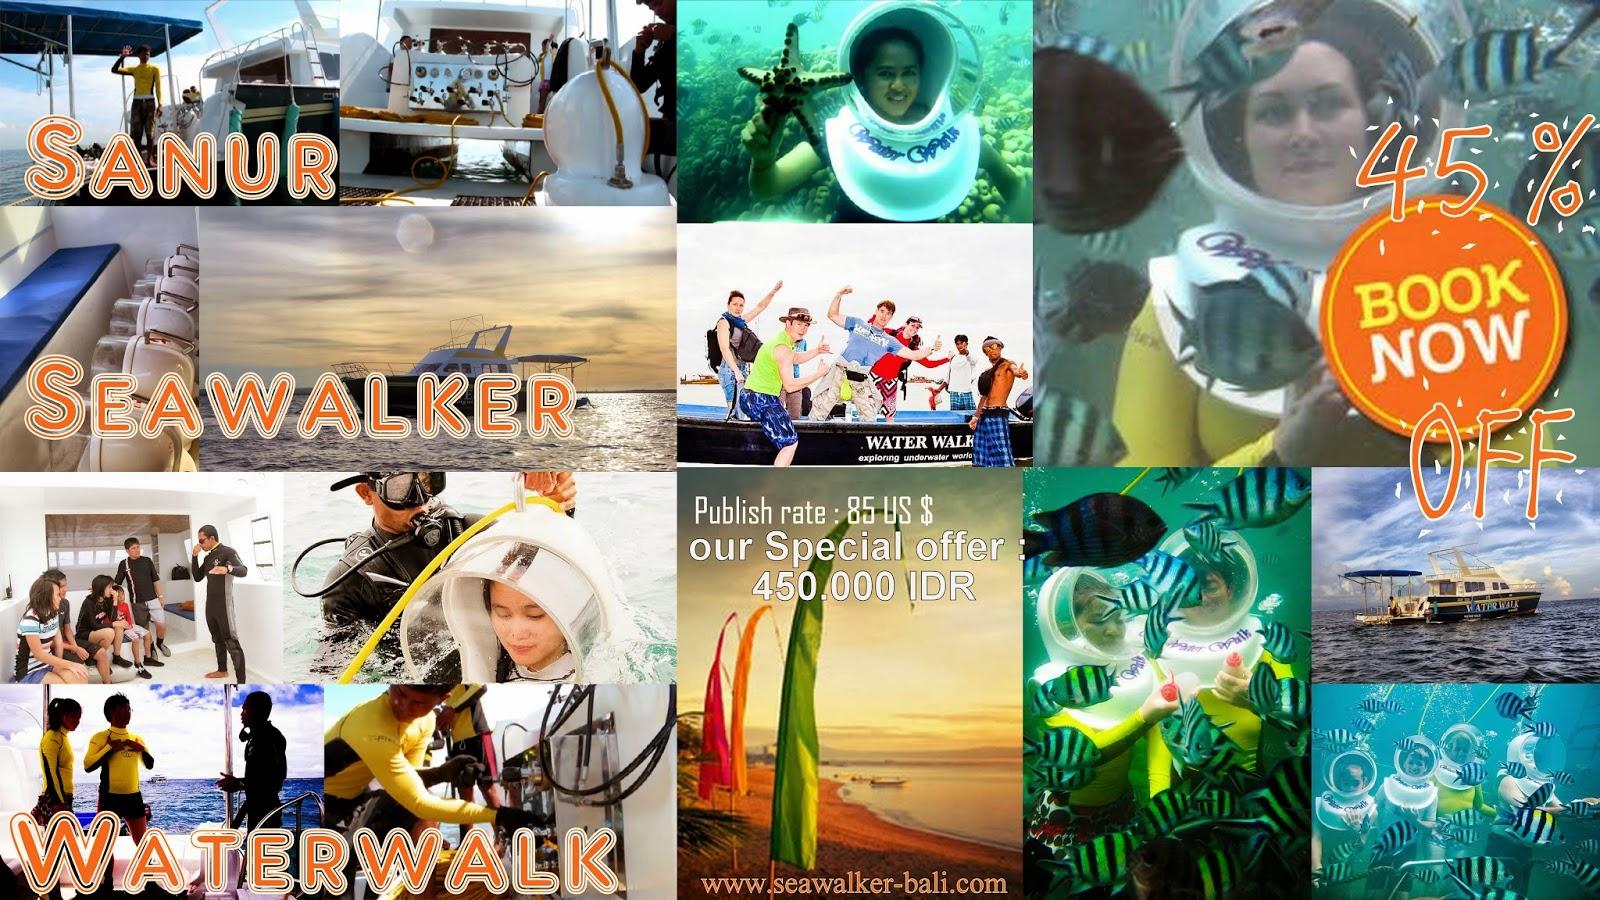 http://www.seawalker-bali.com/2013/09/seawalker-bali-reservasi.html